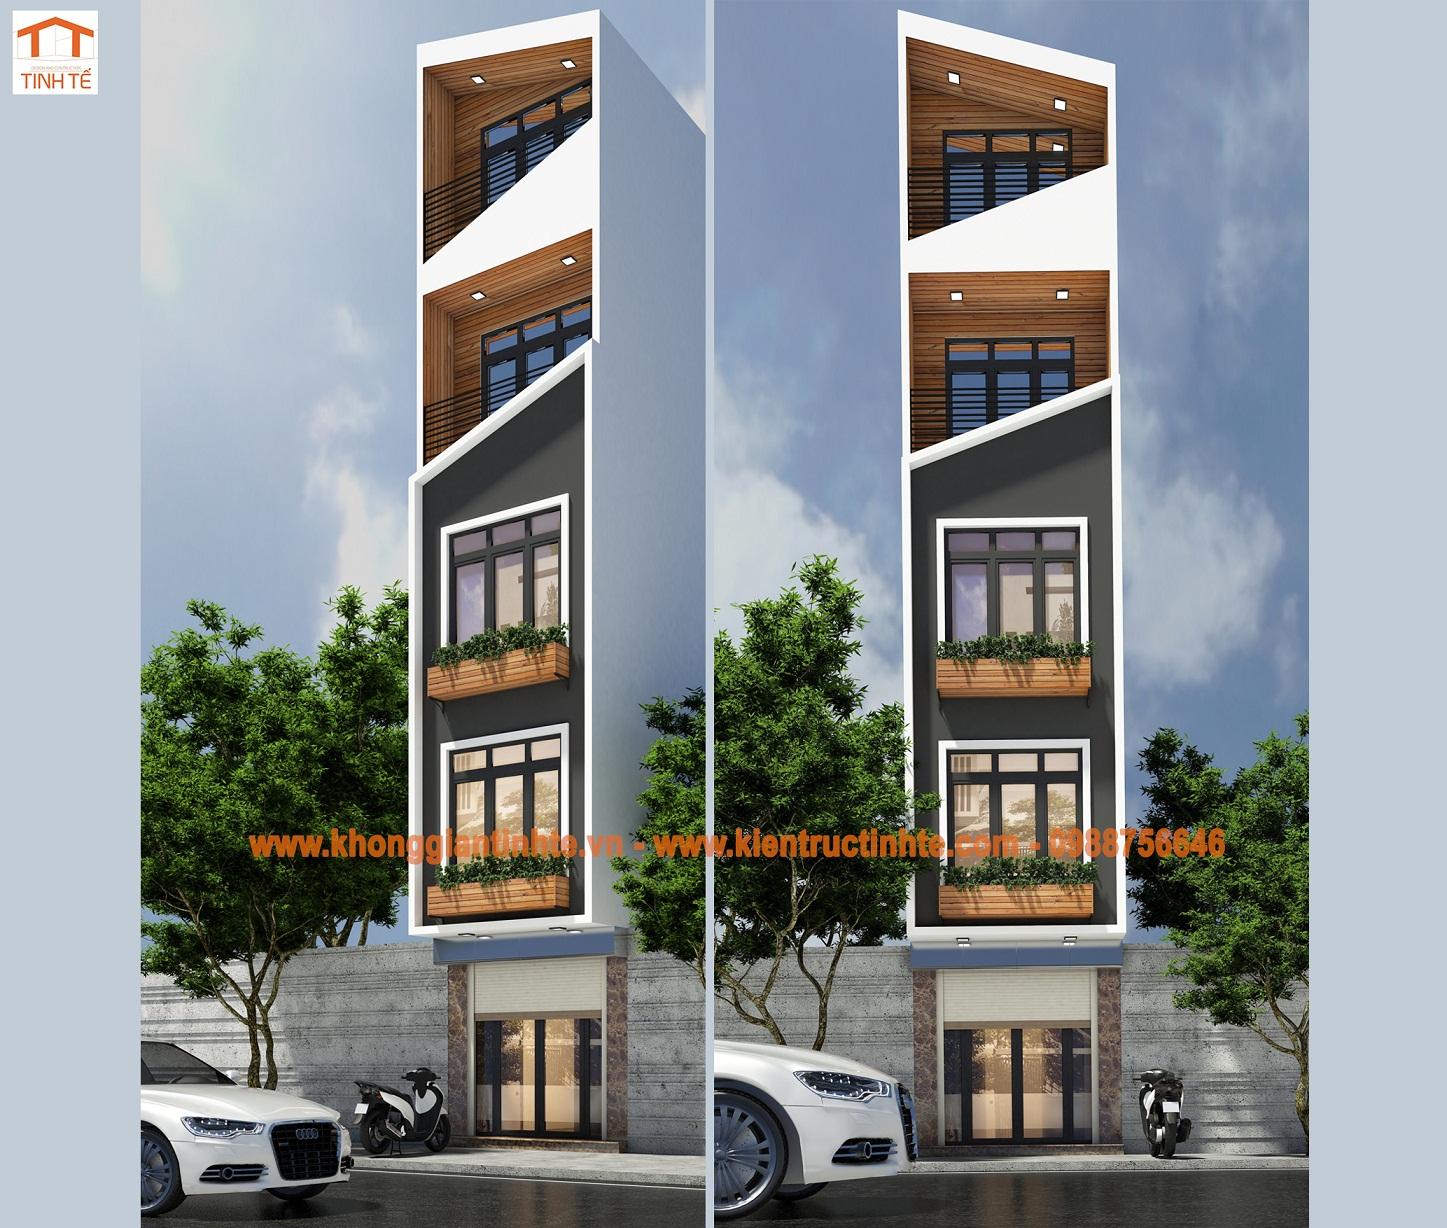 Nhà ở lô phố 36m2 x 5 tầng, Hoàn Kiếm, Hà Nội